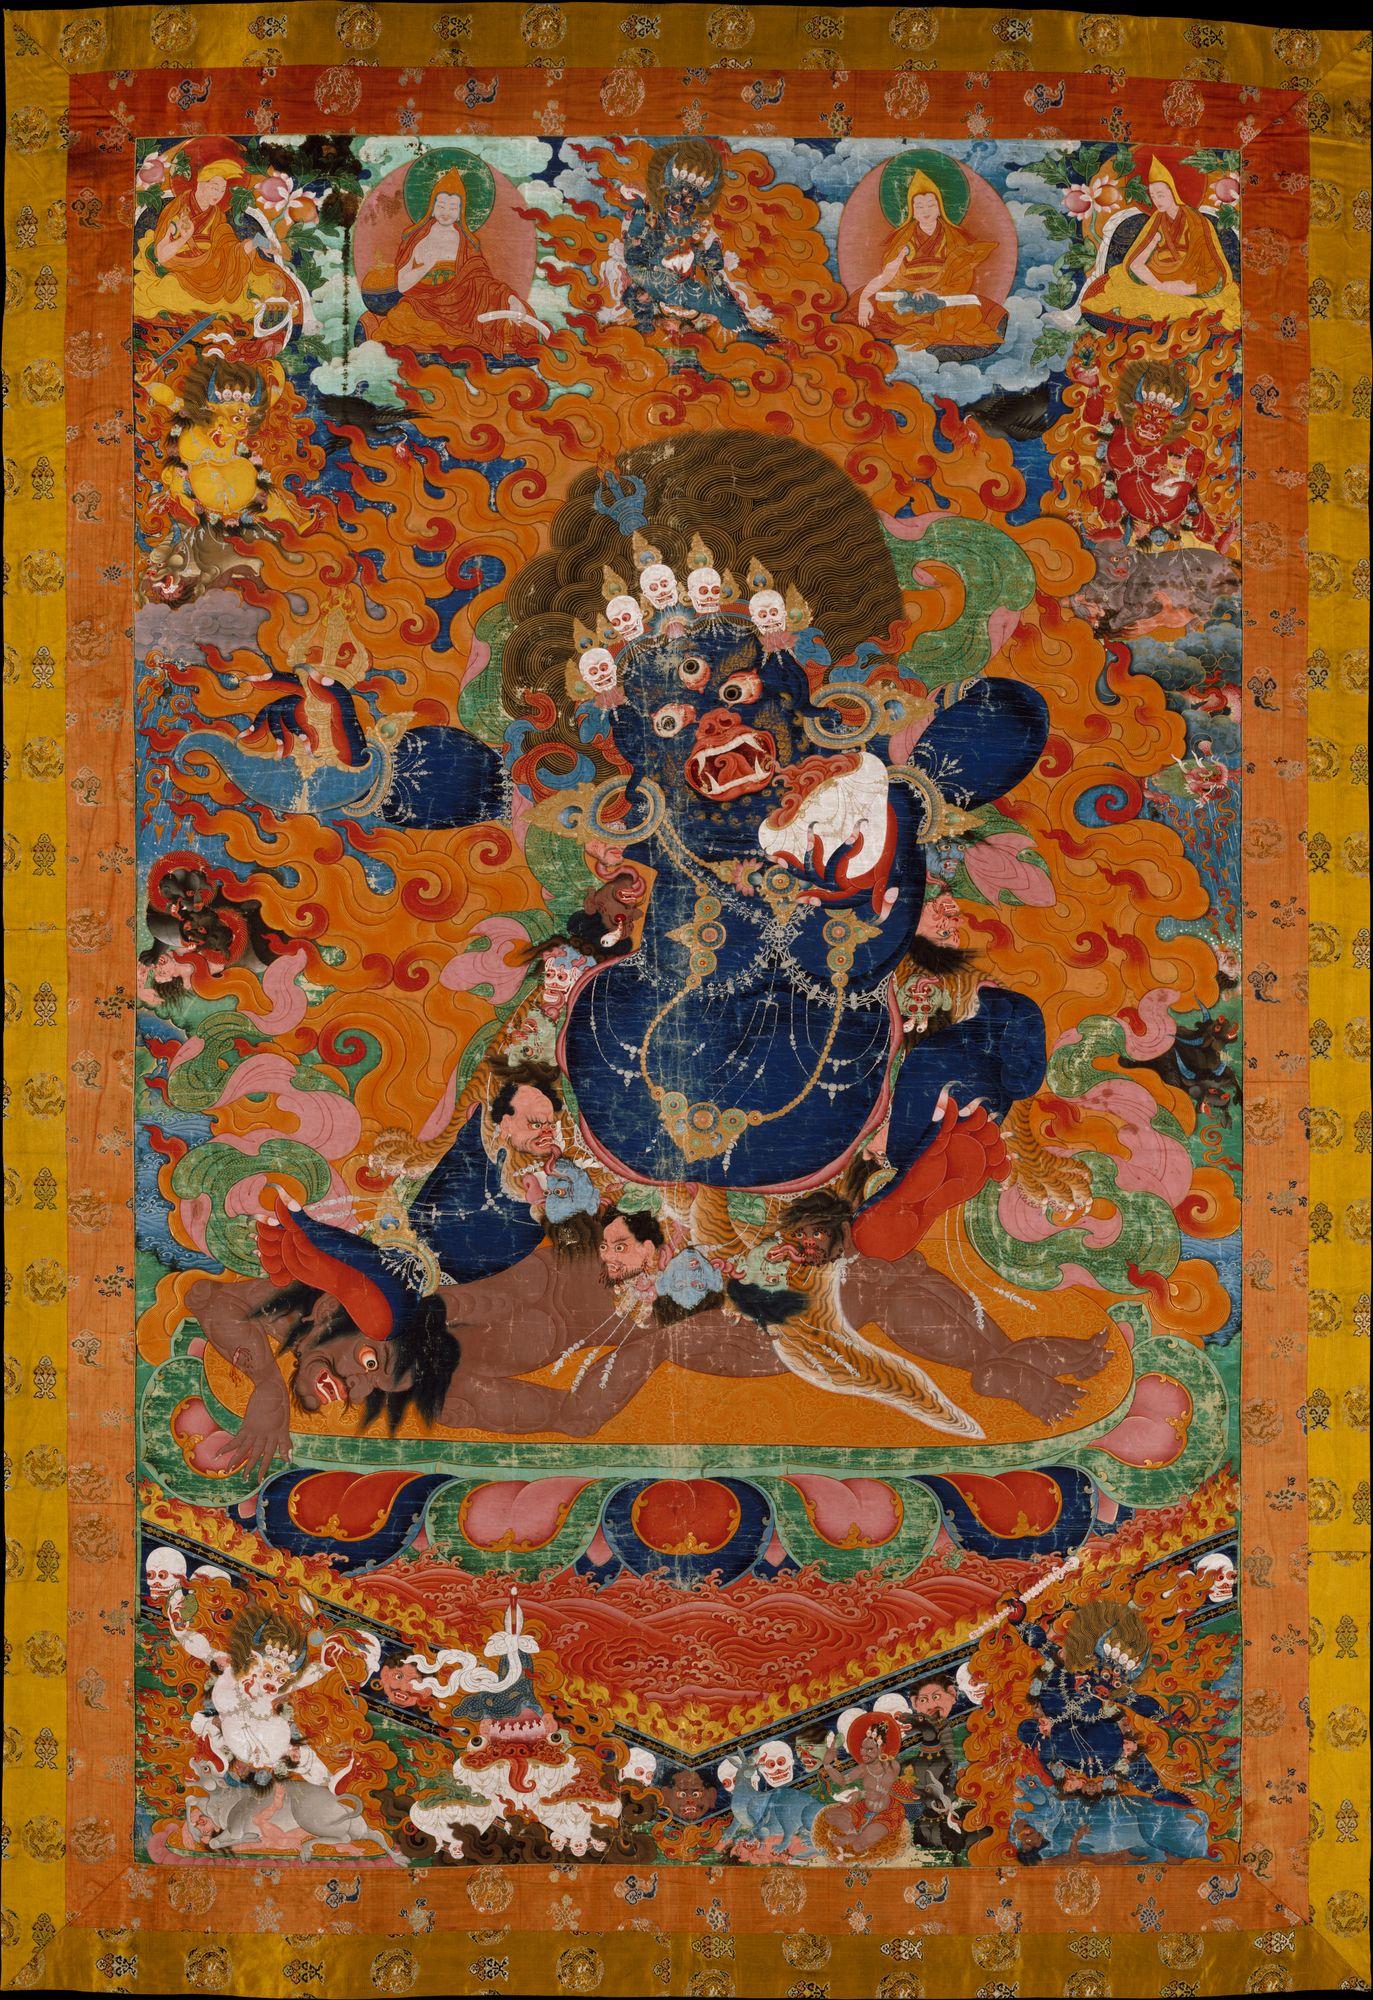 Yama Tibet With Images Buddhist Art Tibetan Art Thangka